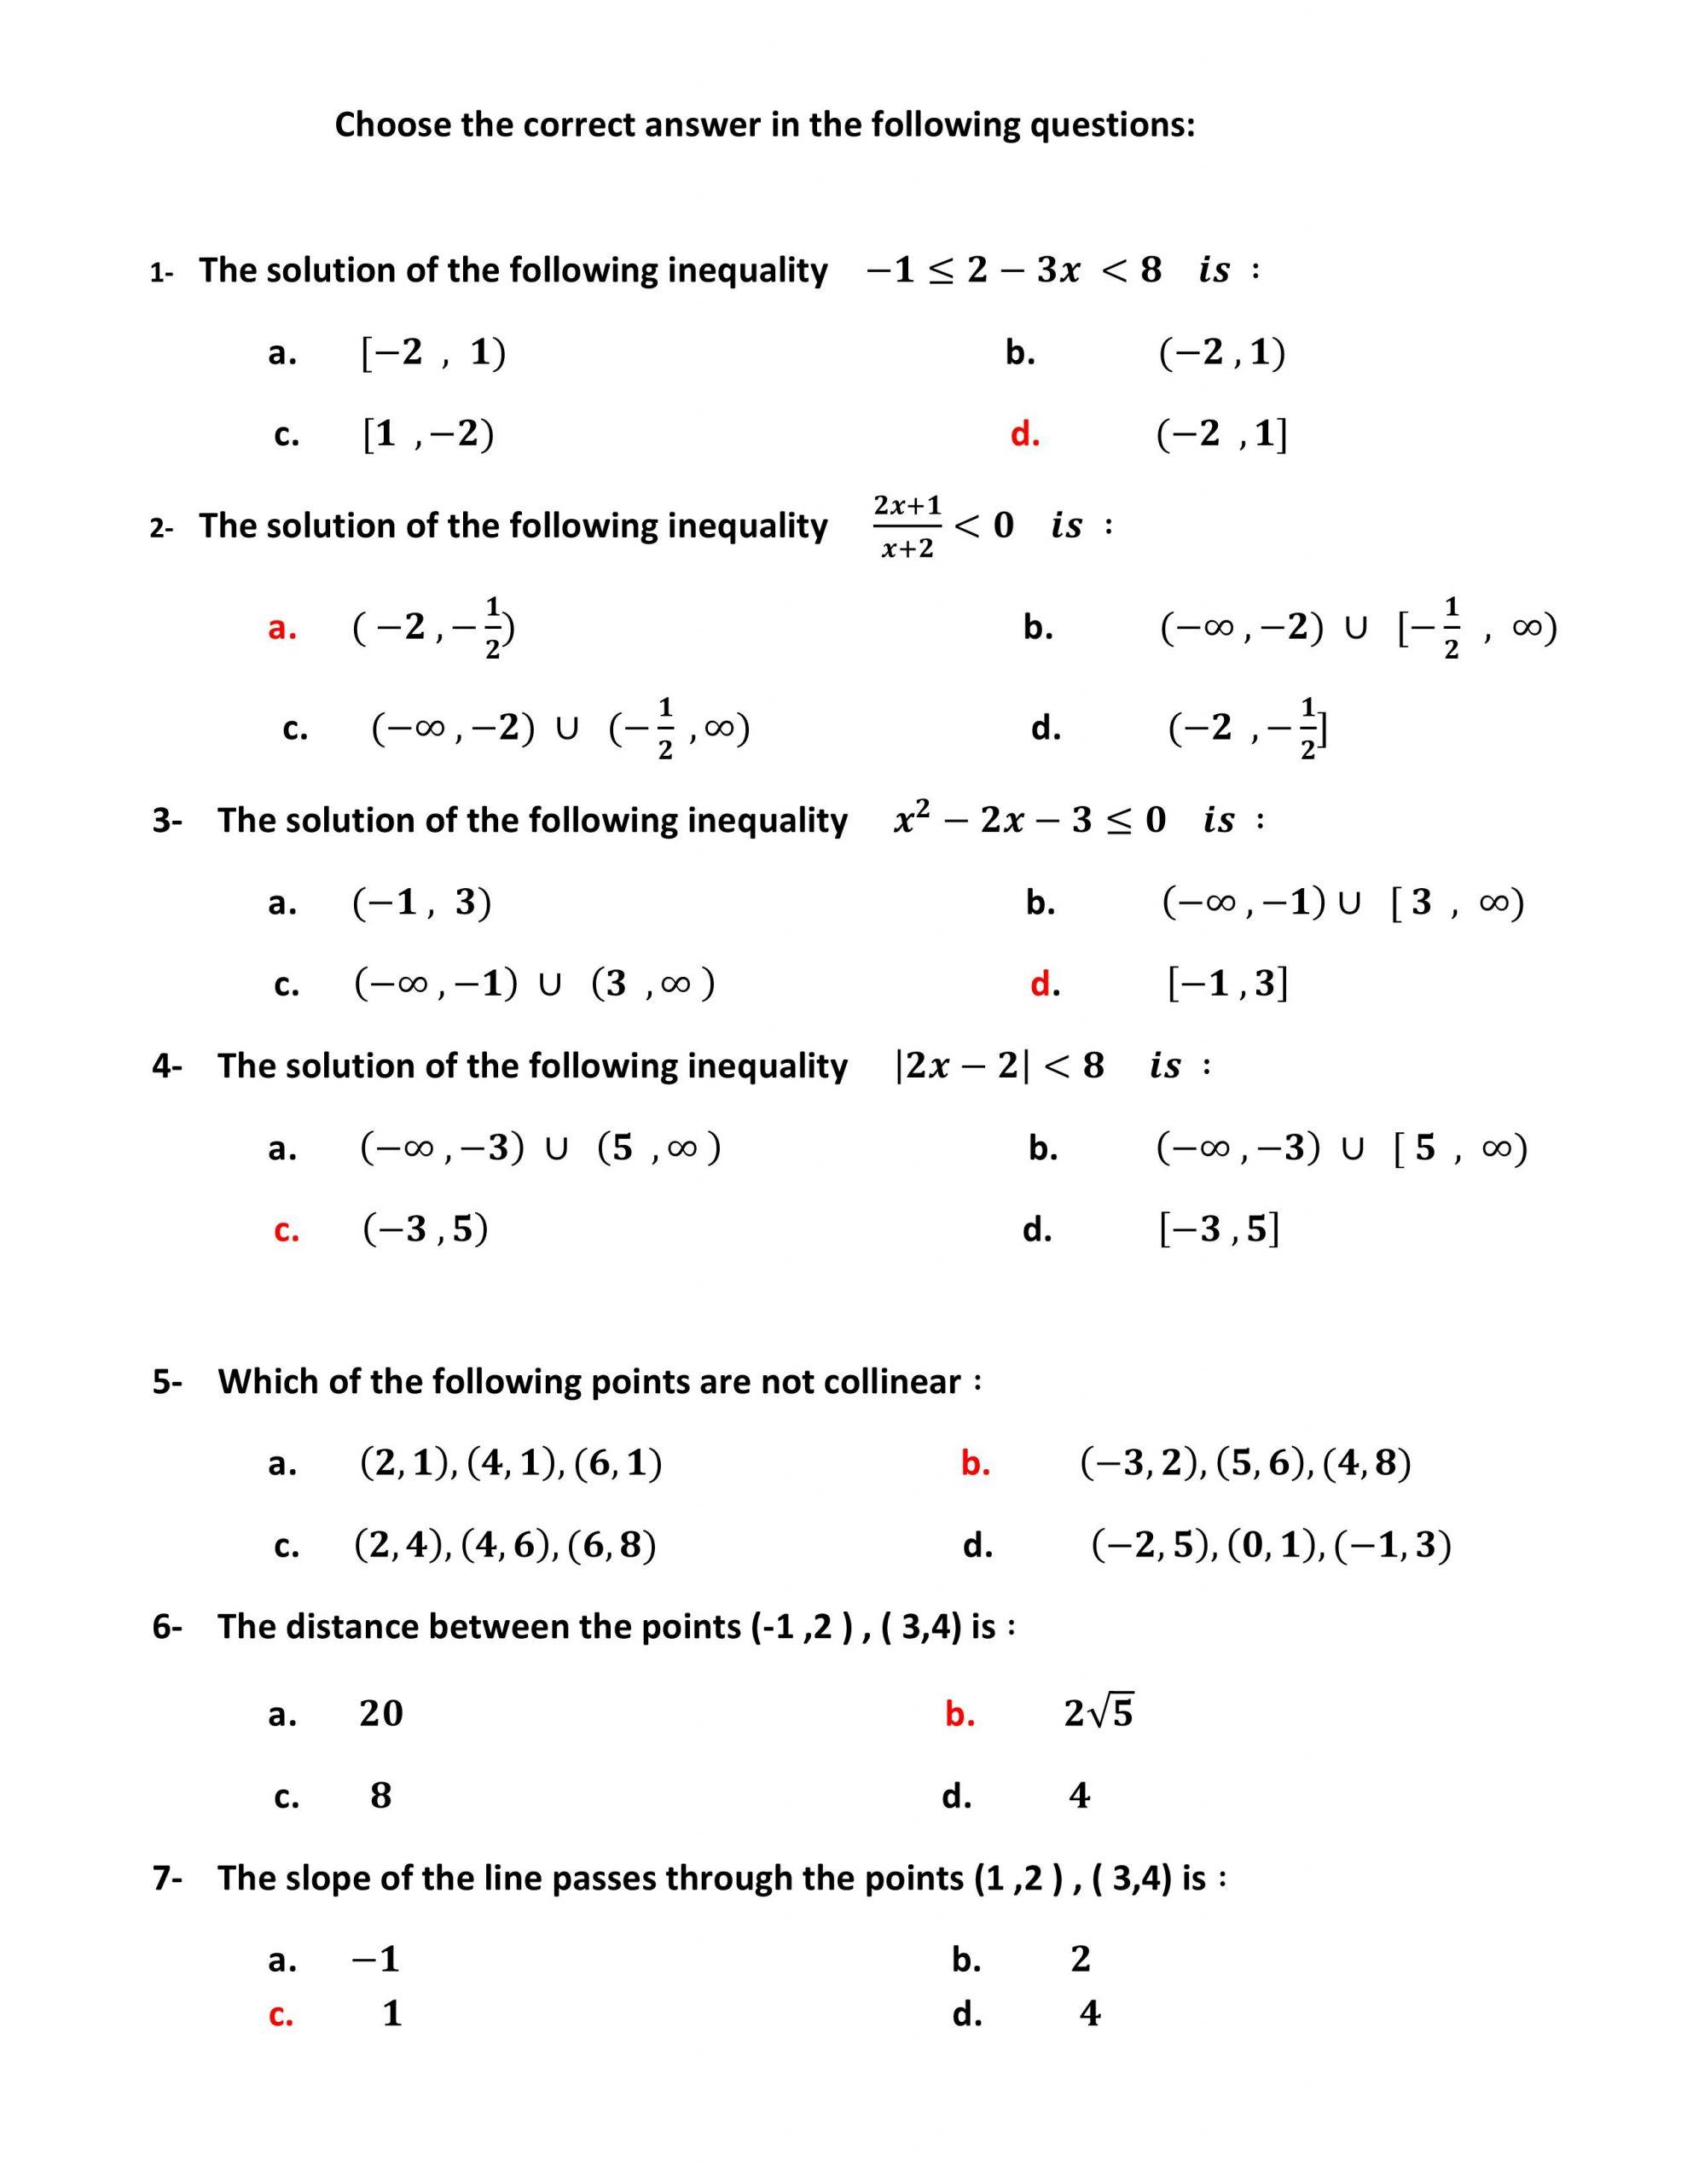 حل اوراق عمل مراجعة نهائية بالانجليزي الصف الثاني عشر متقدم مادة الرياضيات المتكاملة